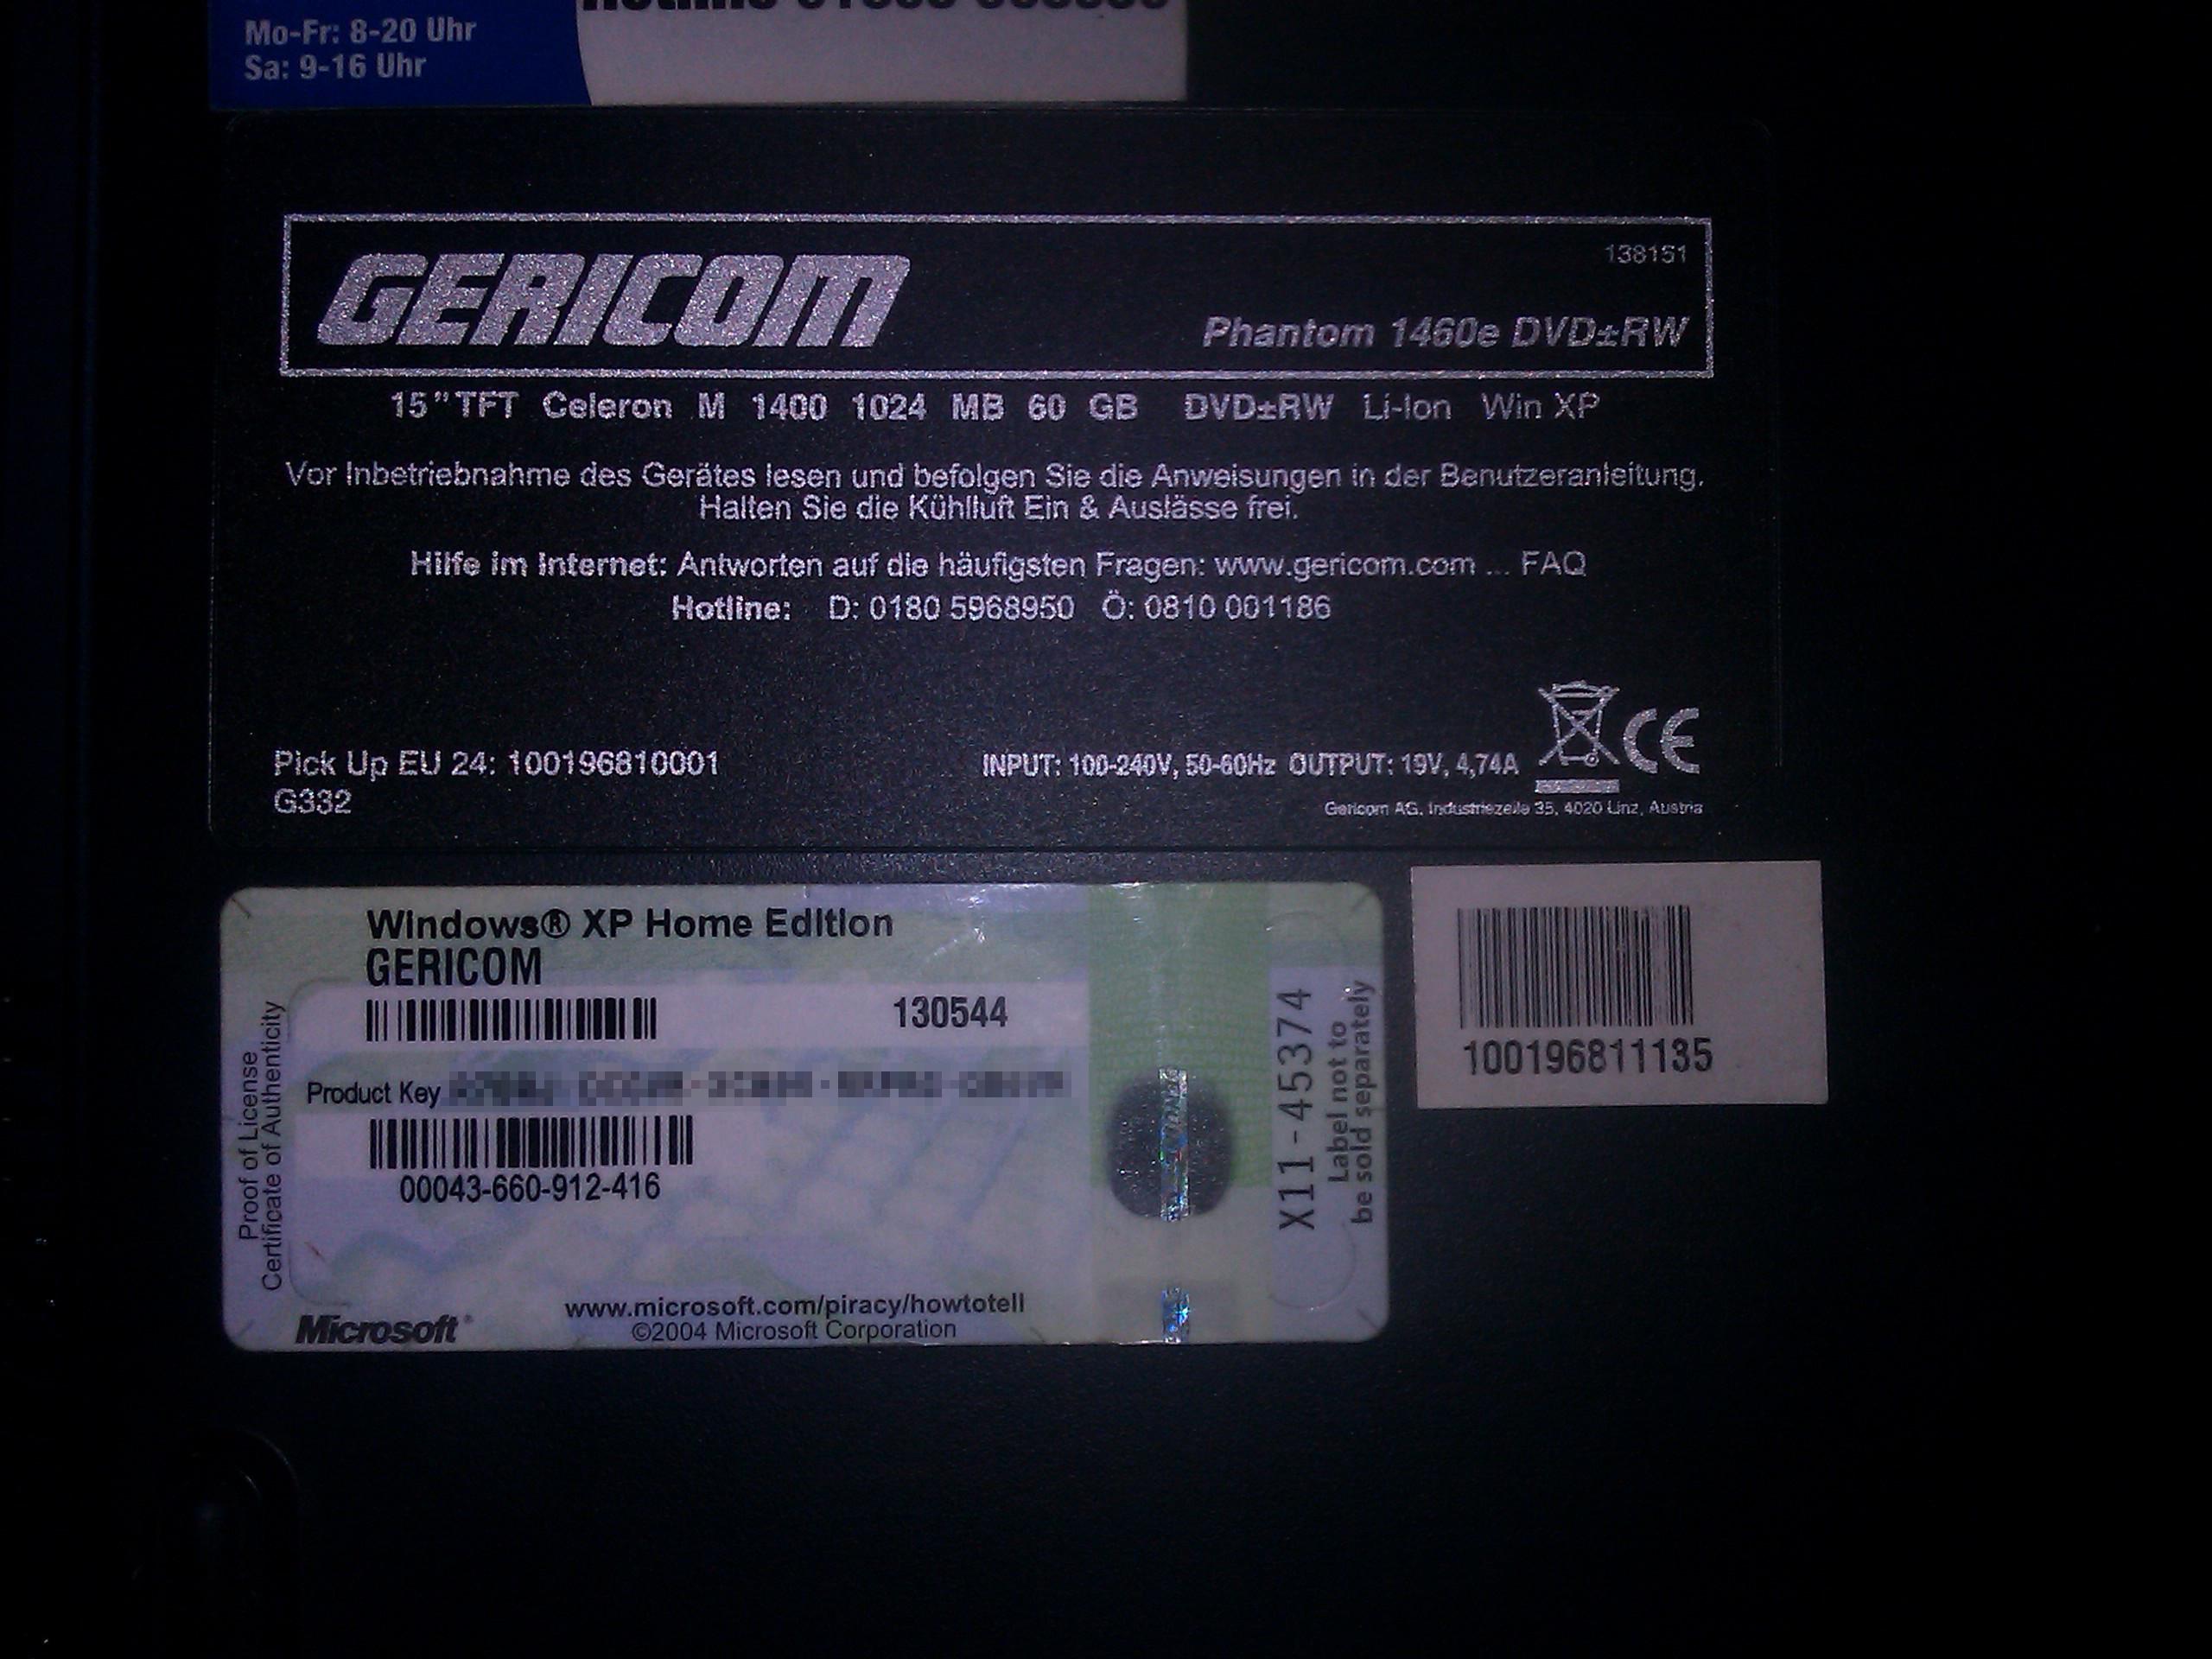 Gericom Phantom 1460e - Szukam wszystkich informacji (najlepiej manual)